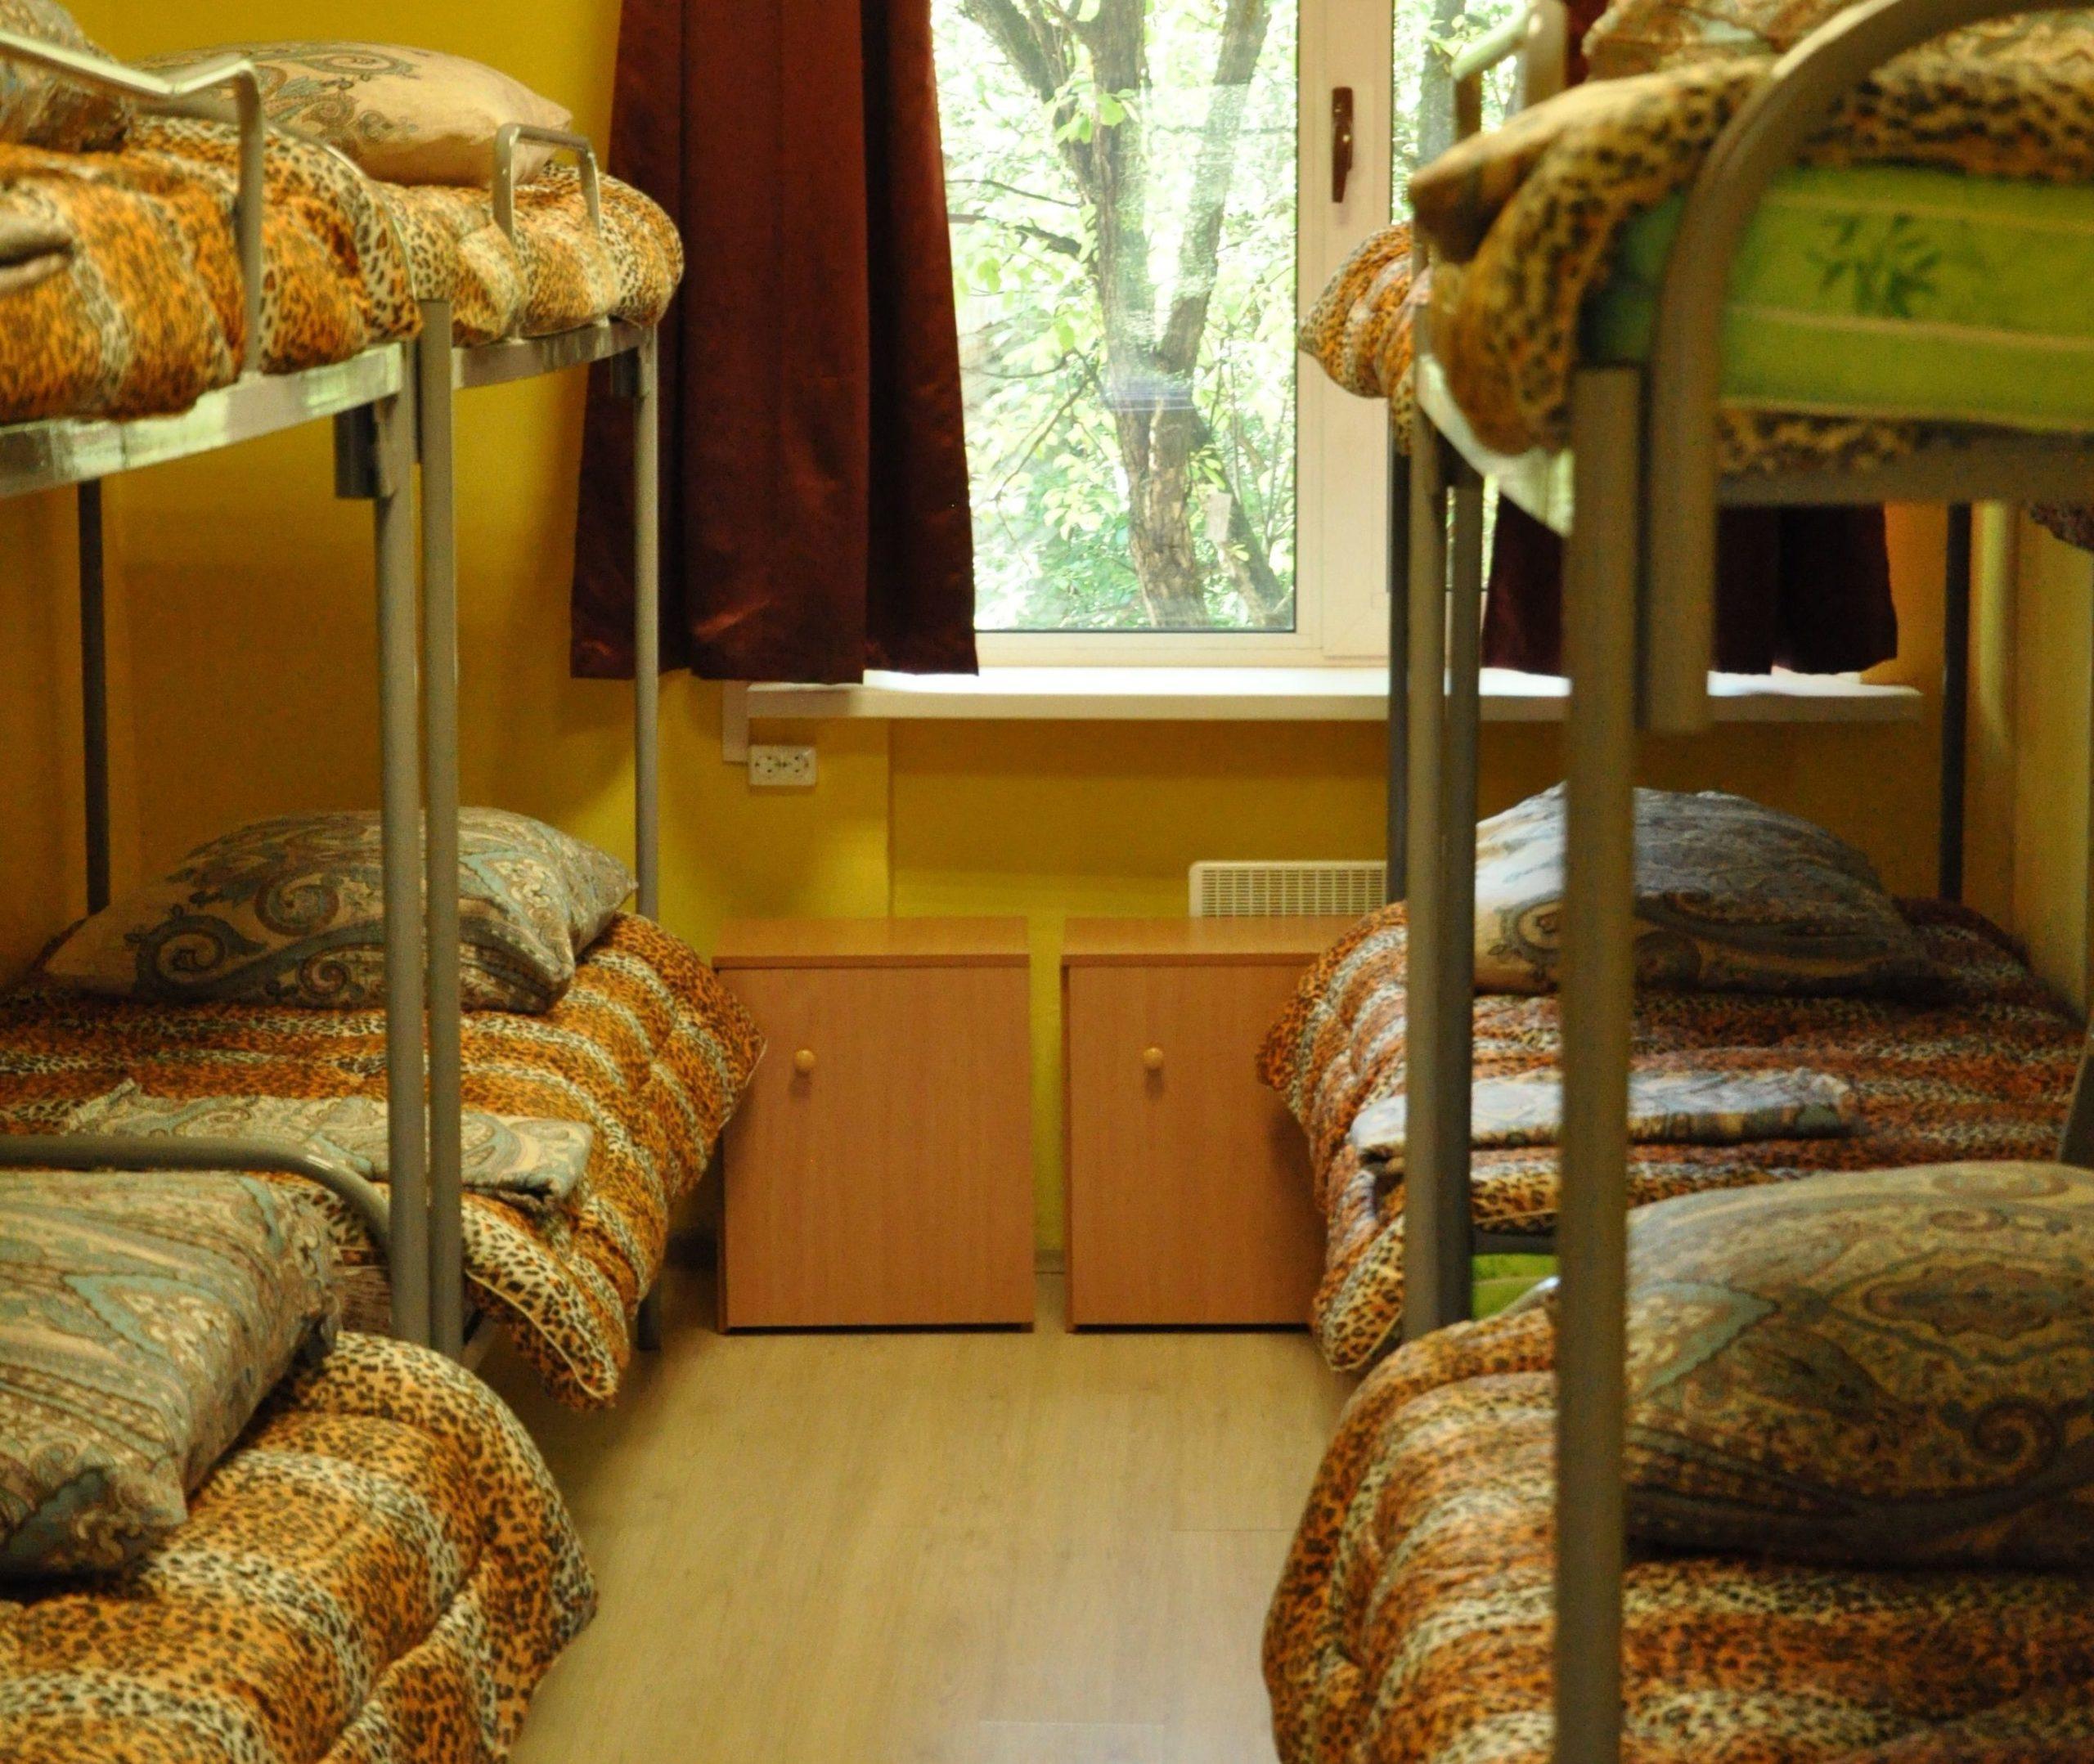 общежития химки 8ми местная комната в хостеле для рабочих